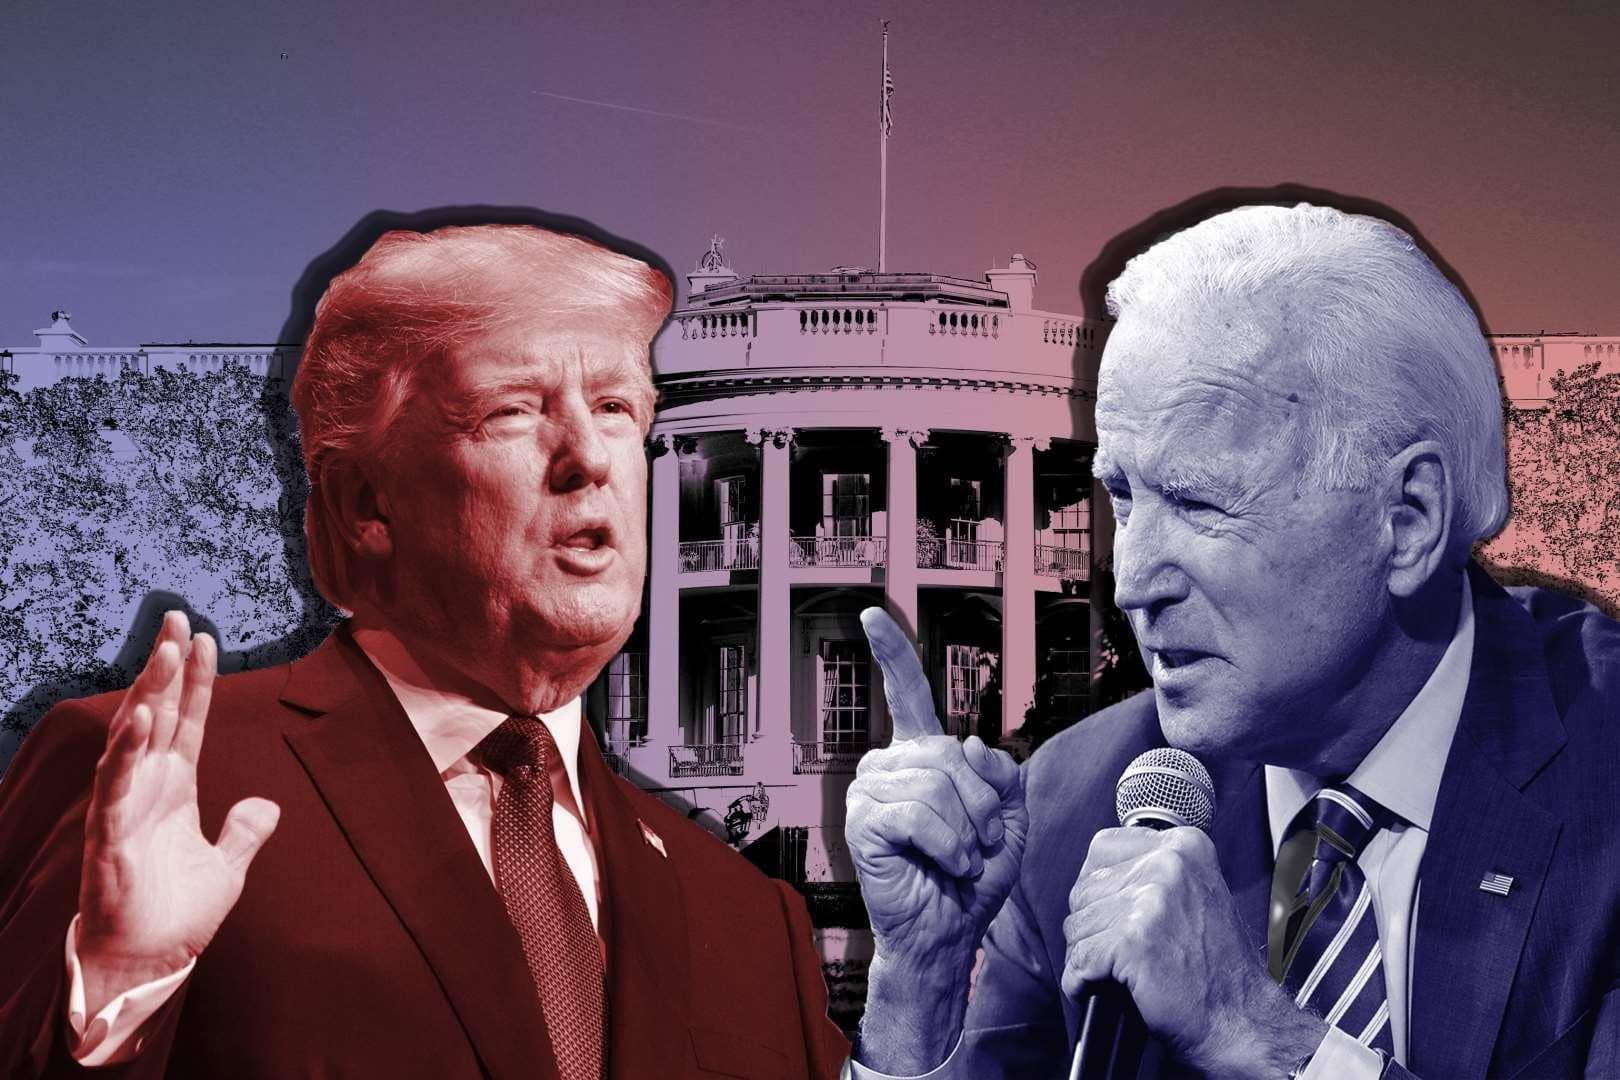 Гуд бай, Америка? Изменится ли лицо демократии с приходом Байдена?